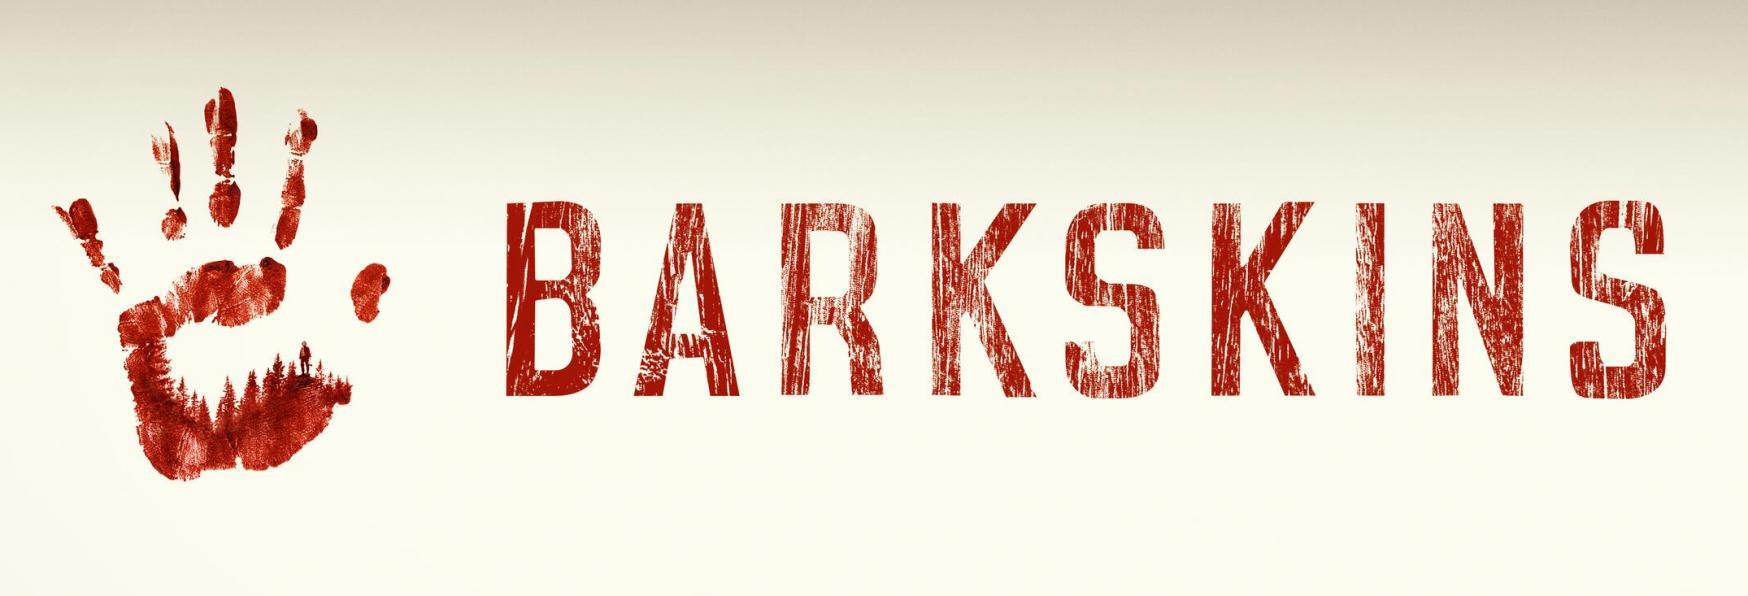 Barkskins: il Riepilogo della Informazioni Note sulla nuova Serie TV di National Geographic